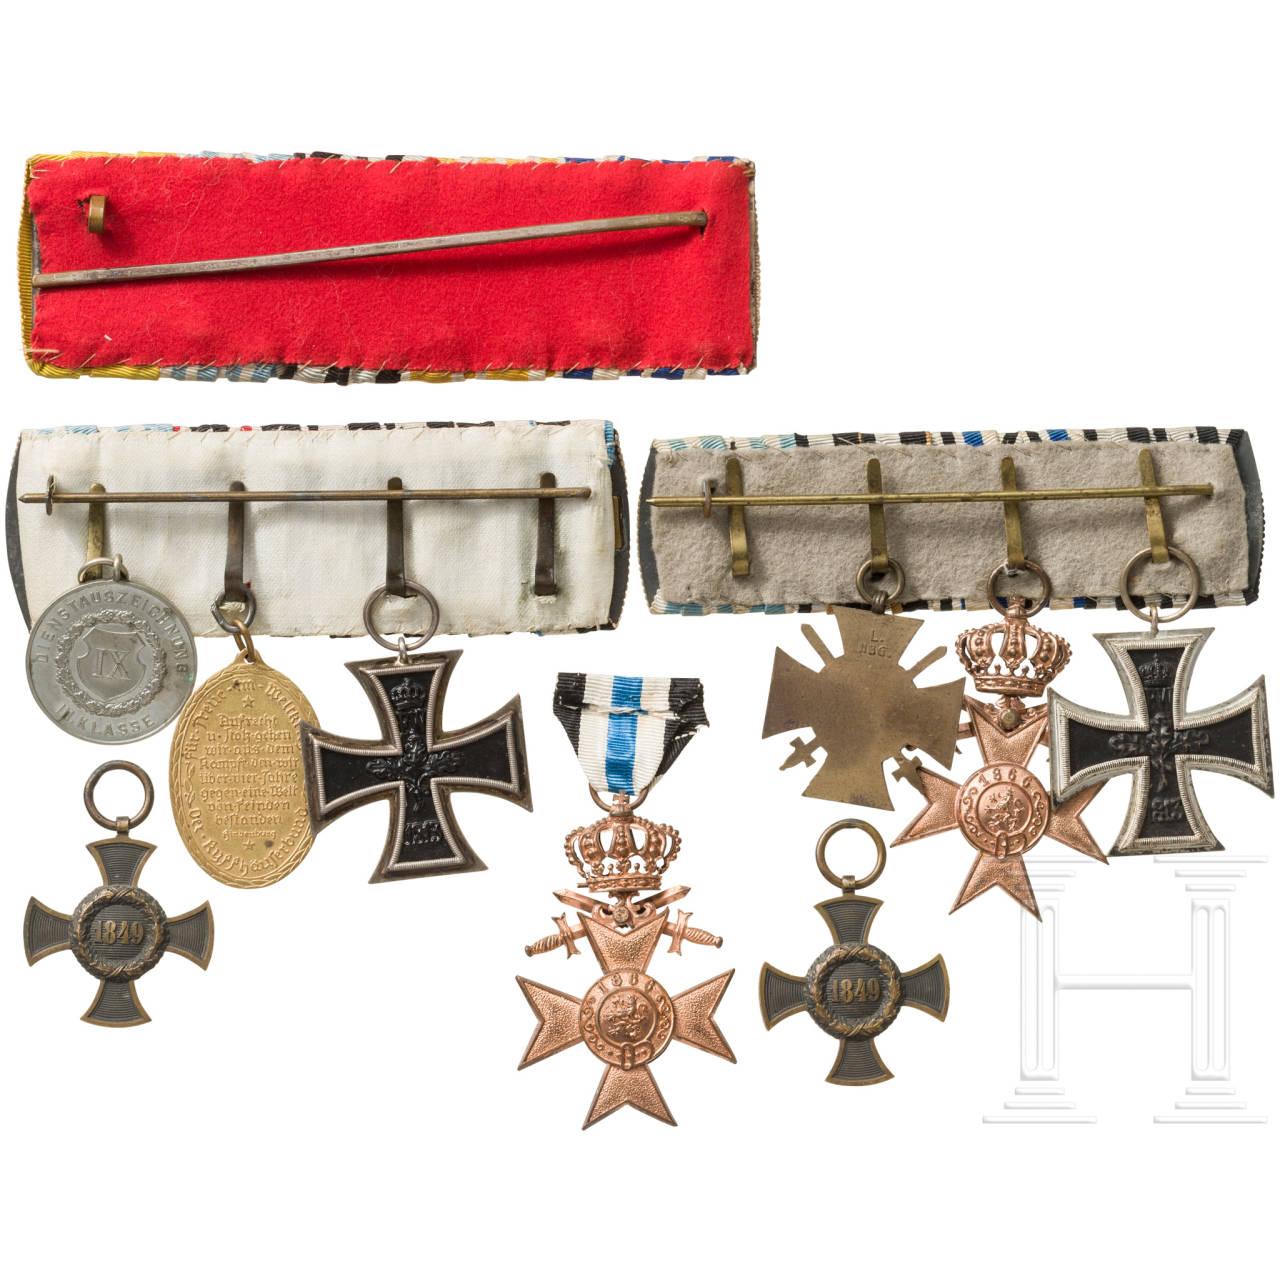 Ordensschnallen, Auszeichnungen, Verleihungsetuis, Bayern